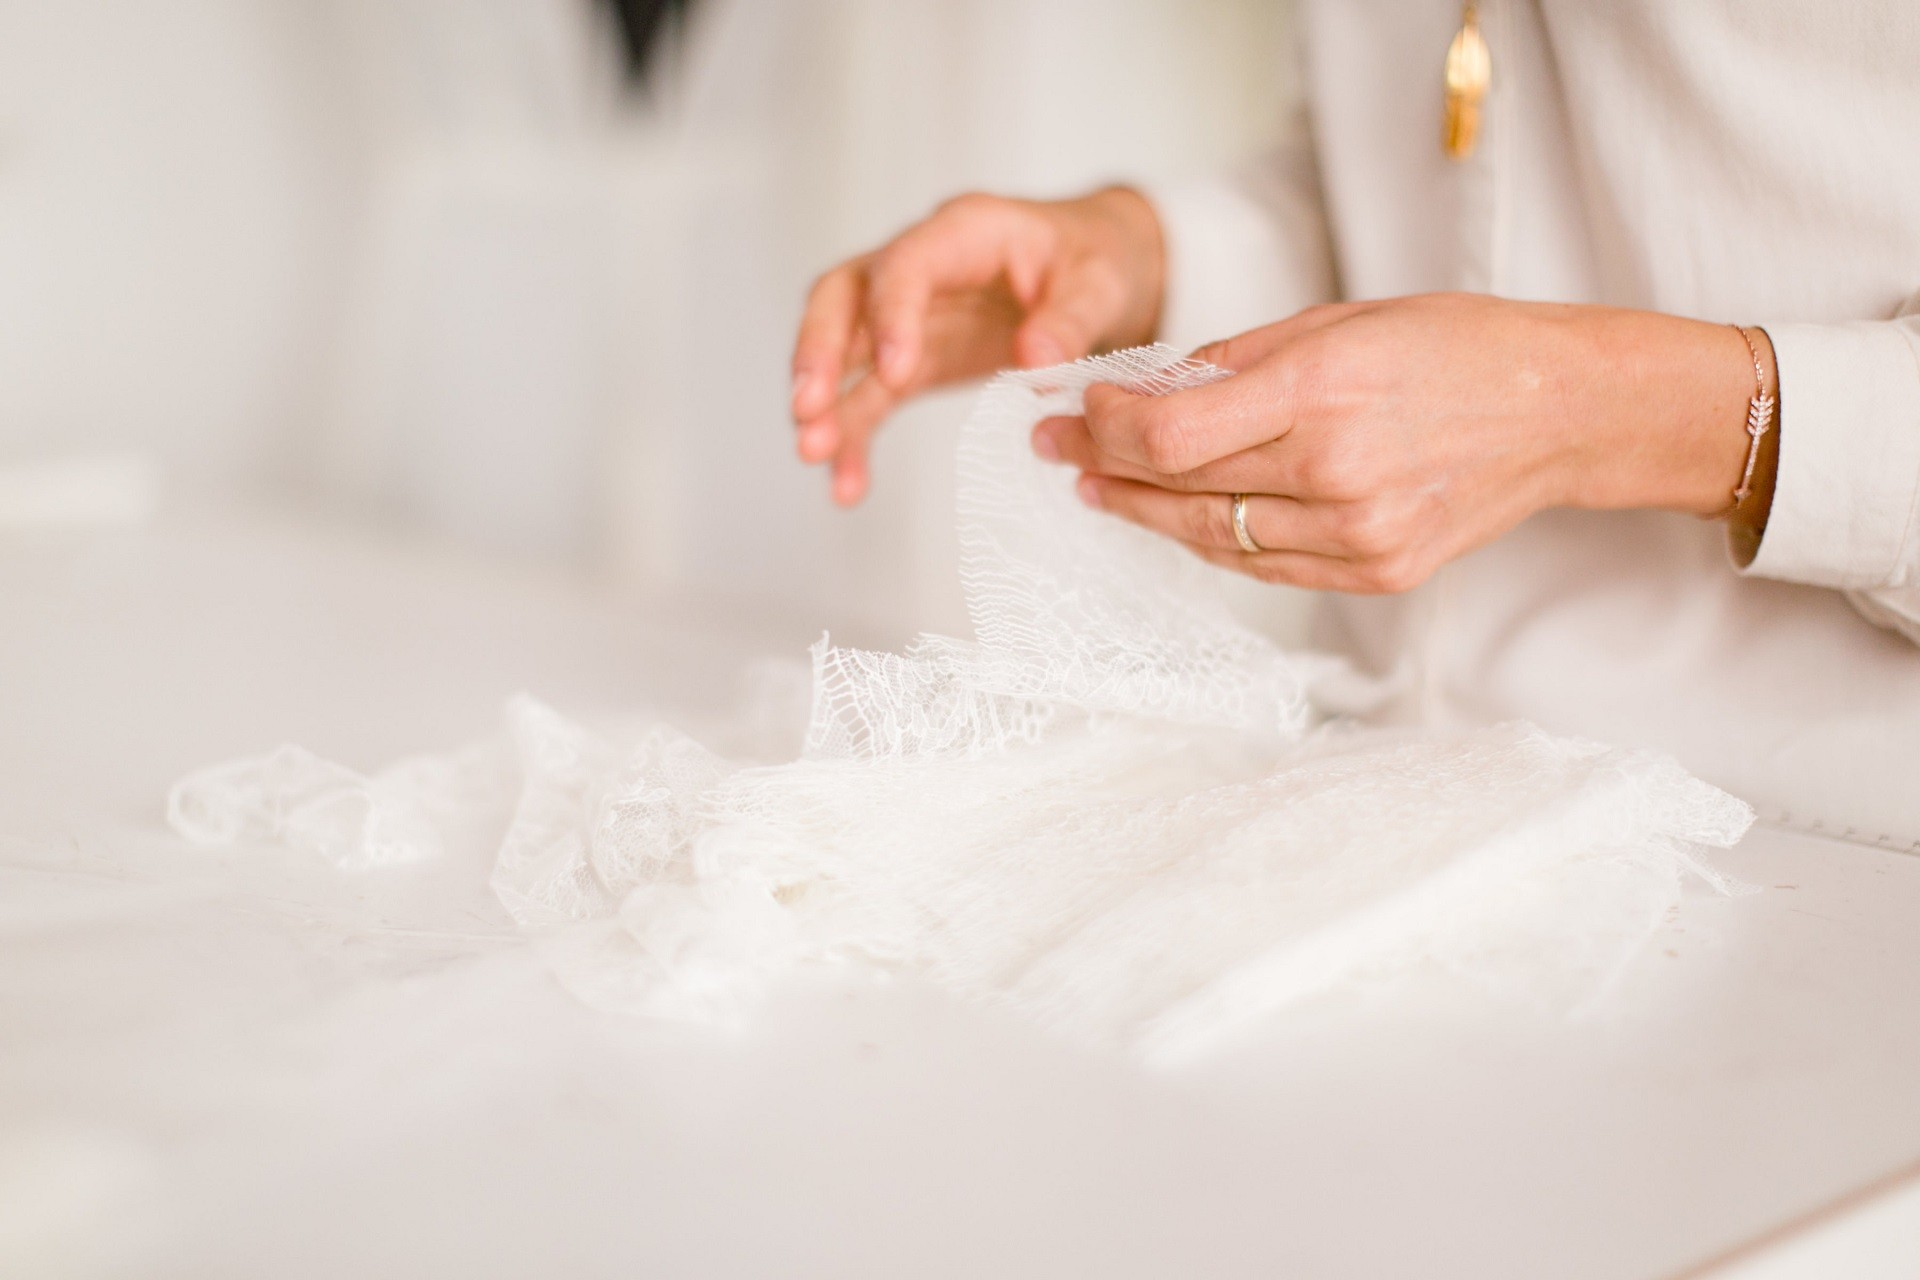 pour la fabrication des robes de mariée l'atelier utilise la dentelle de calais